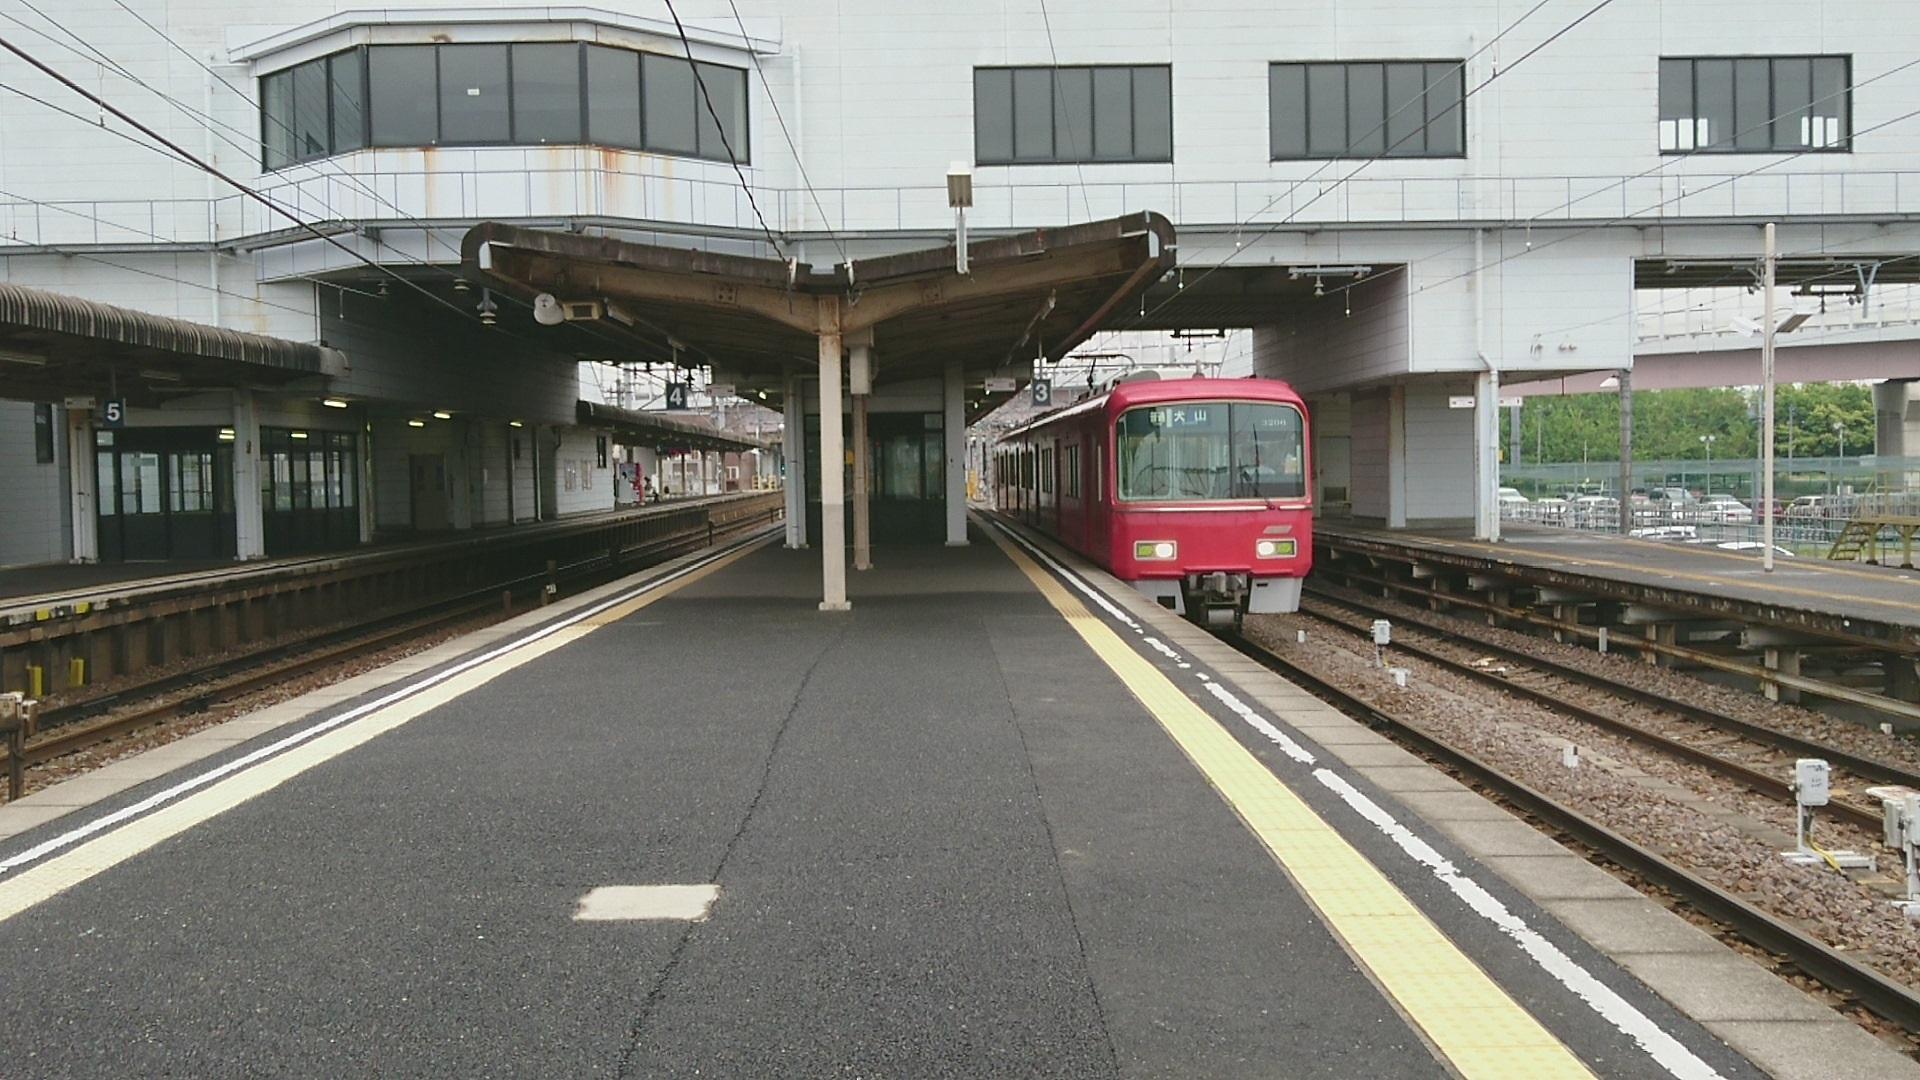 2017.5.13 豊明 (30) 犬山いきふつうしゅっぱつ 1920-1080